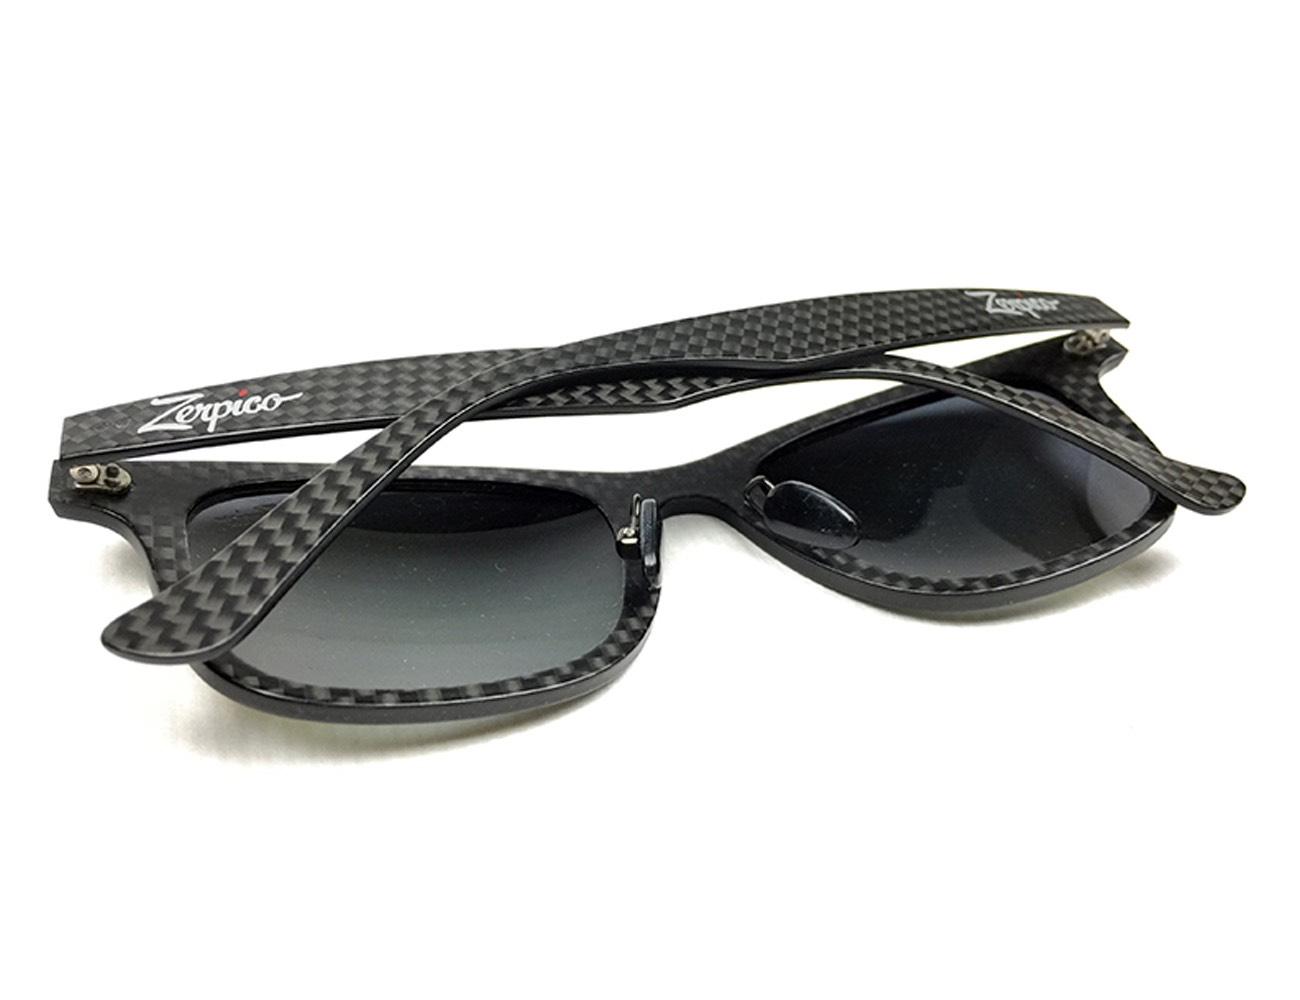 zerpico-carbon-fiber-sunglasses-05